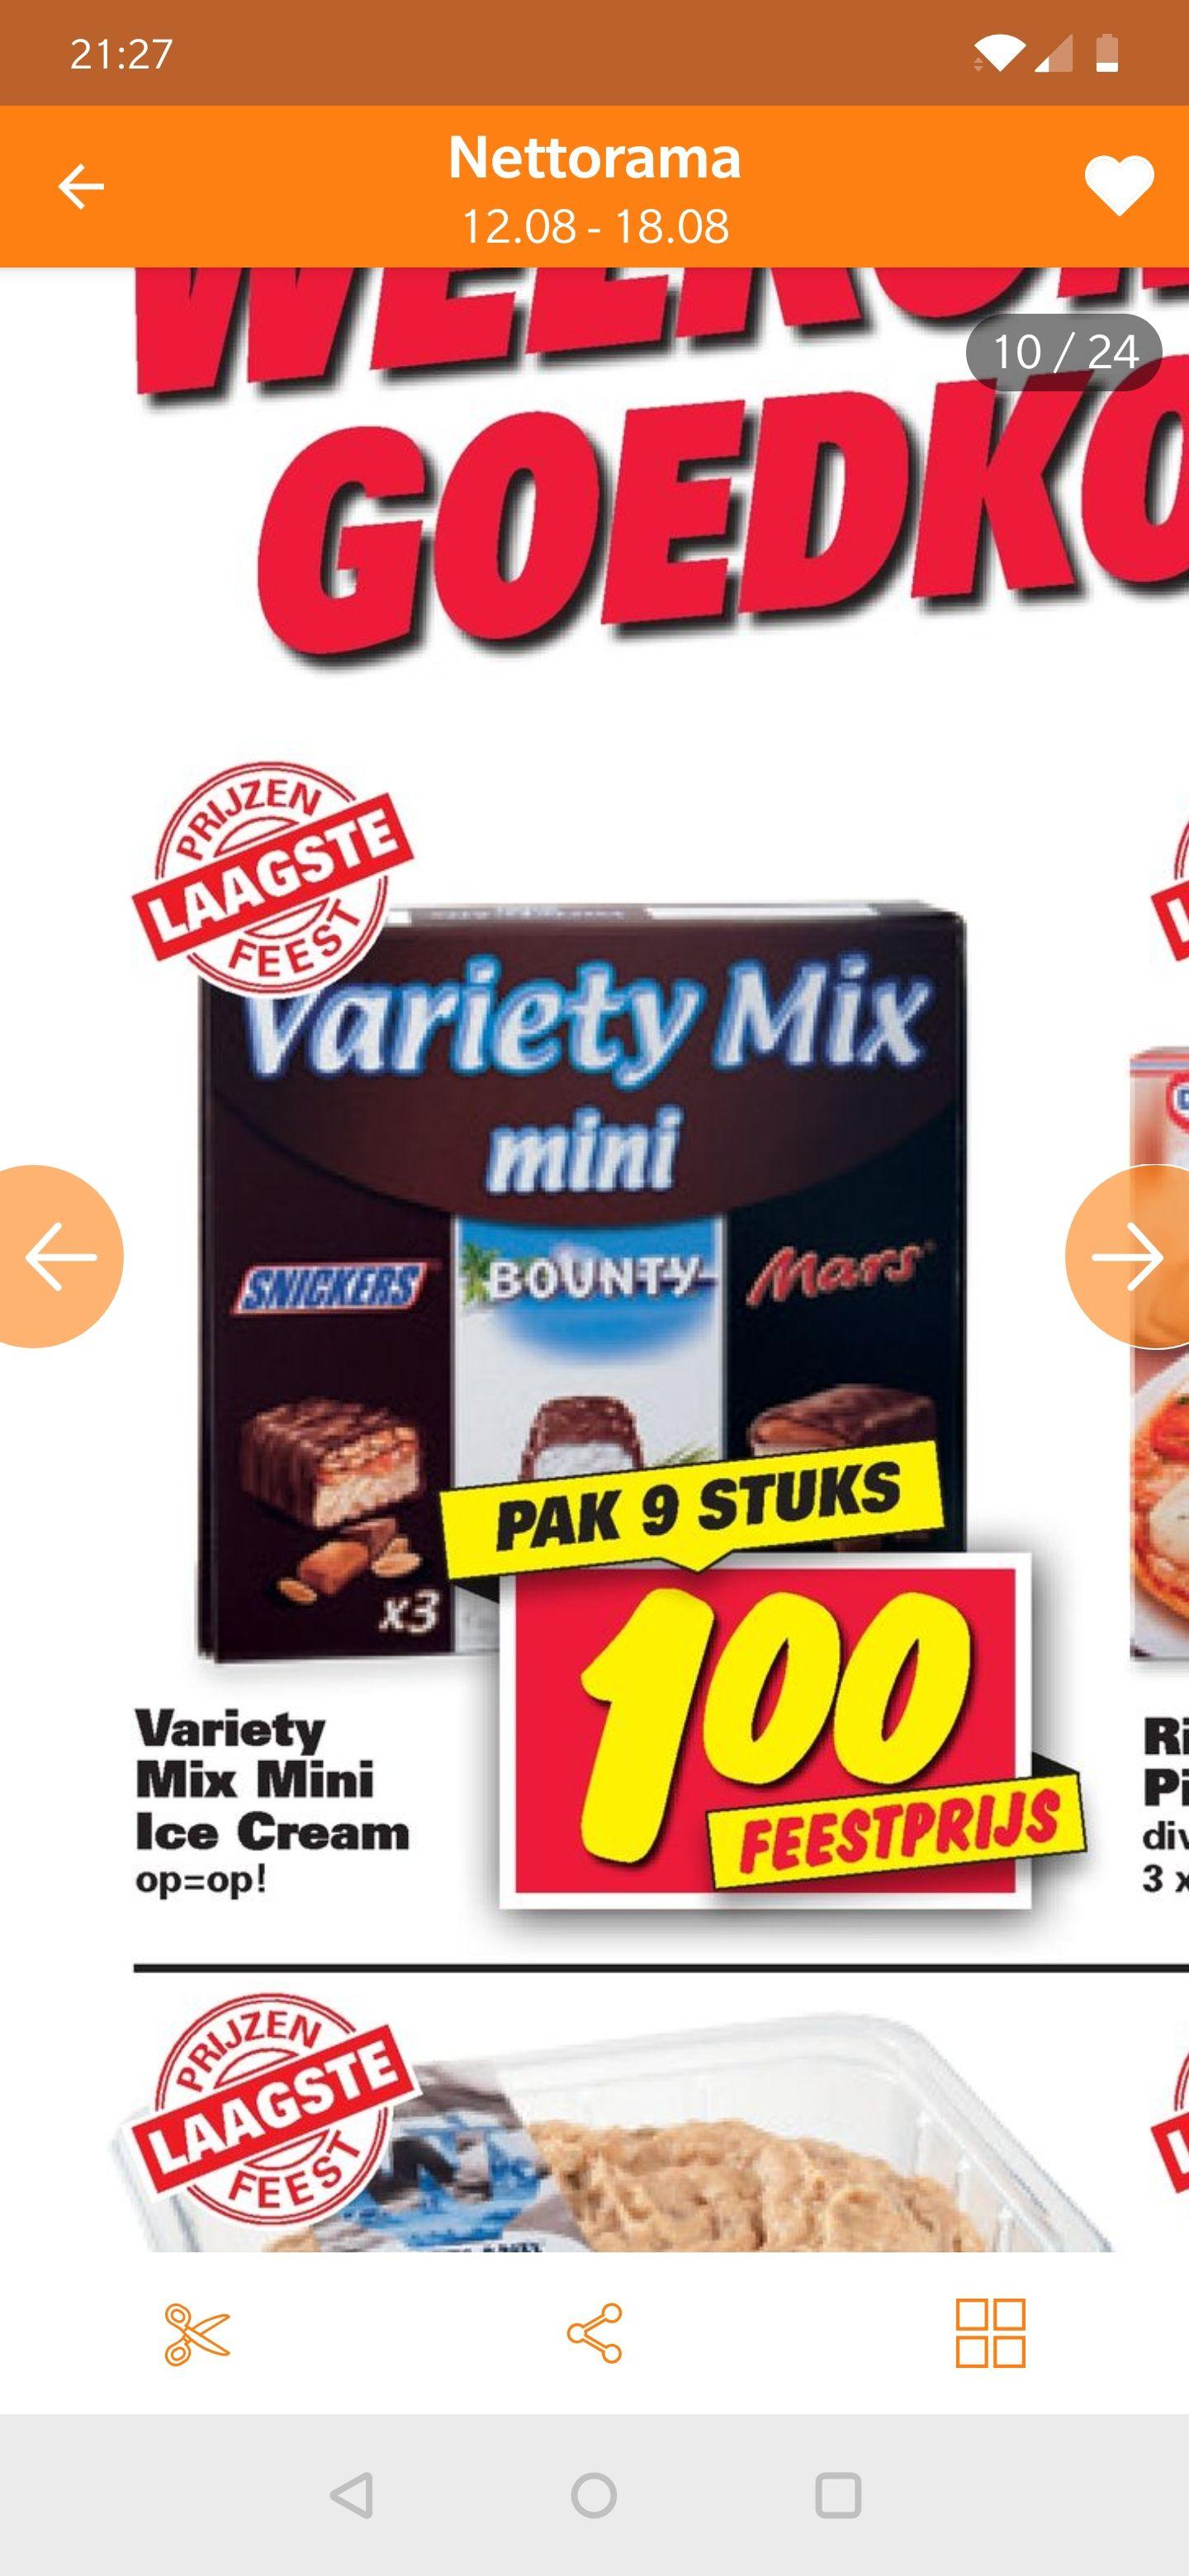 Nettorama ijs deal snickers, mars bounty